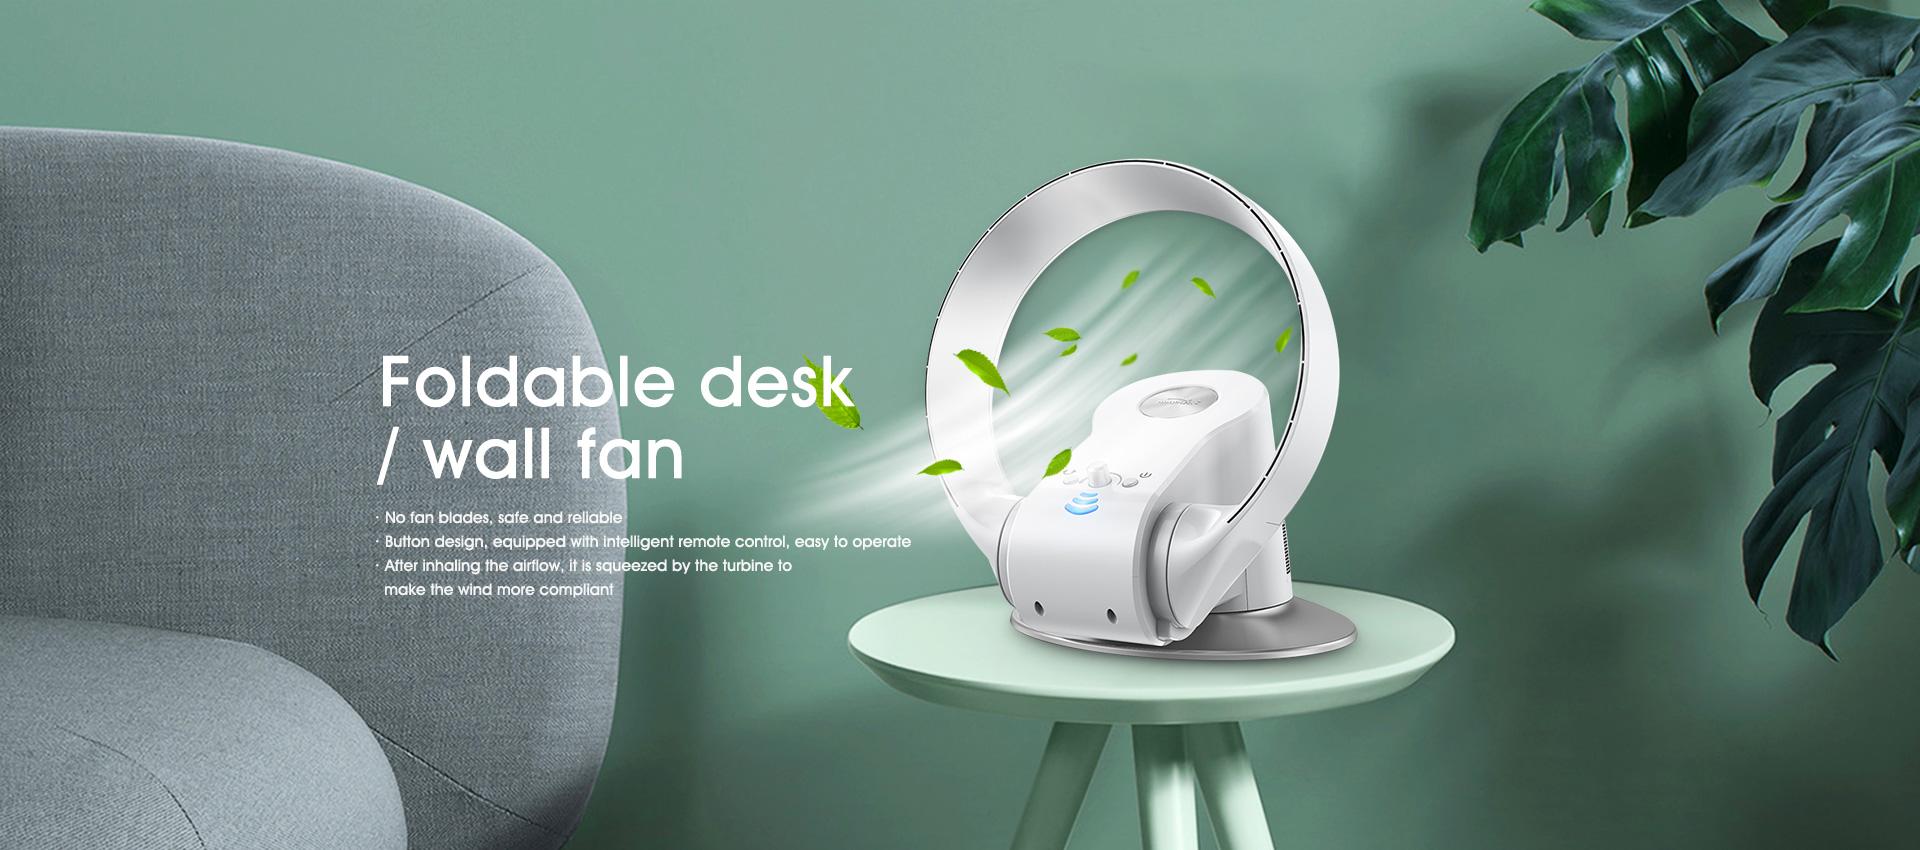 Foldable desk / wall fan